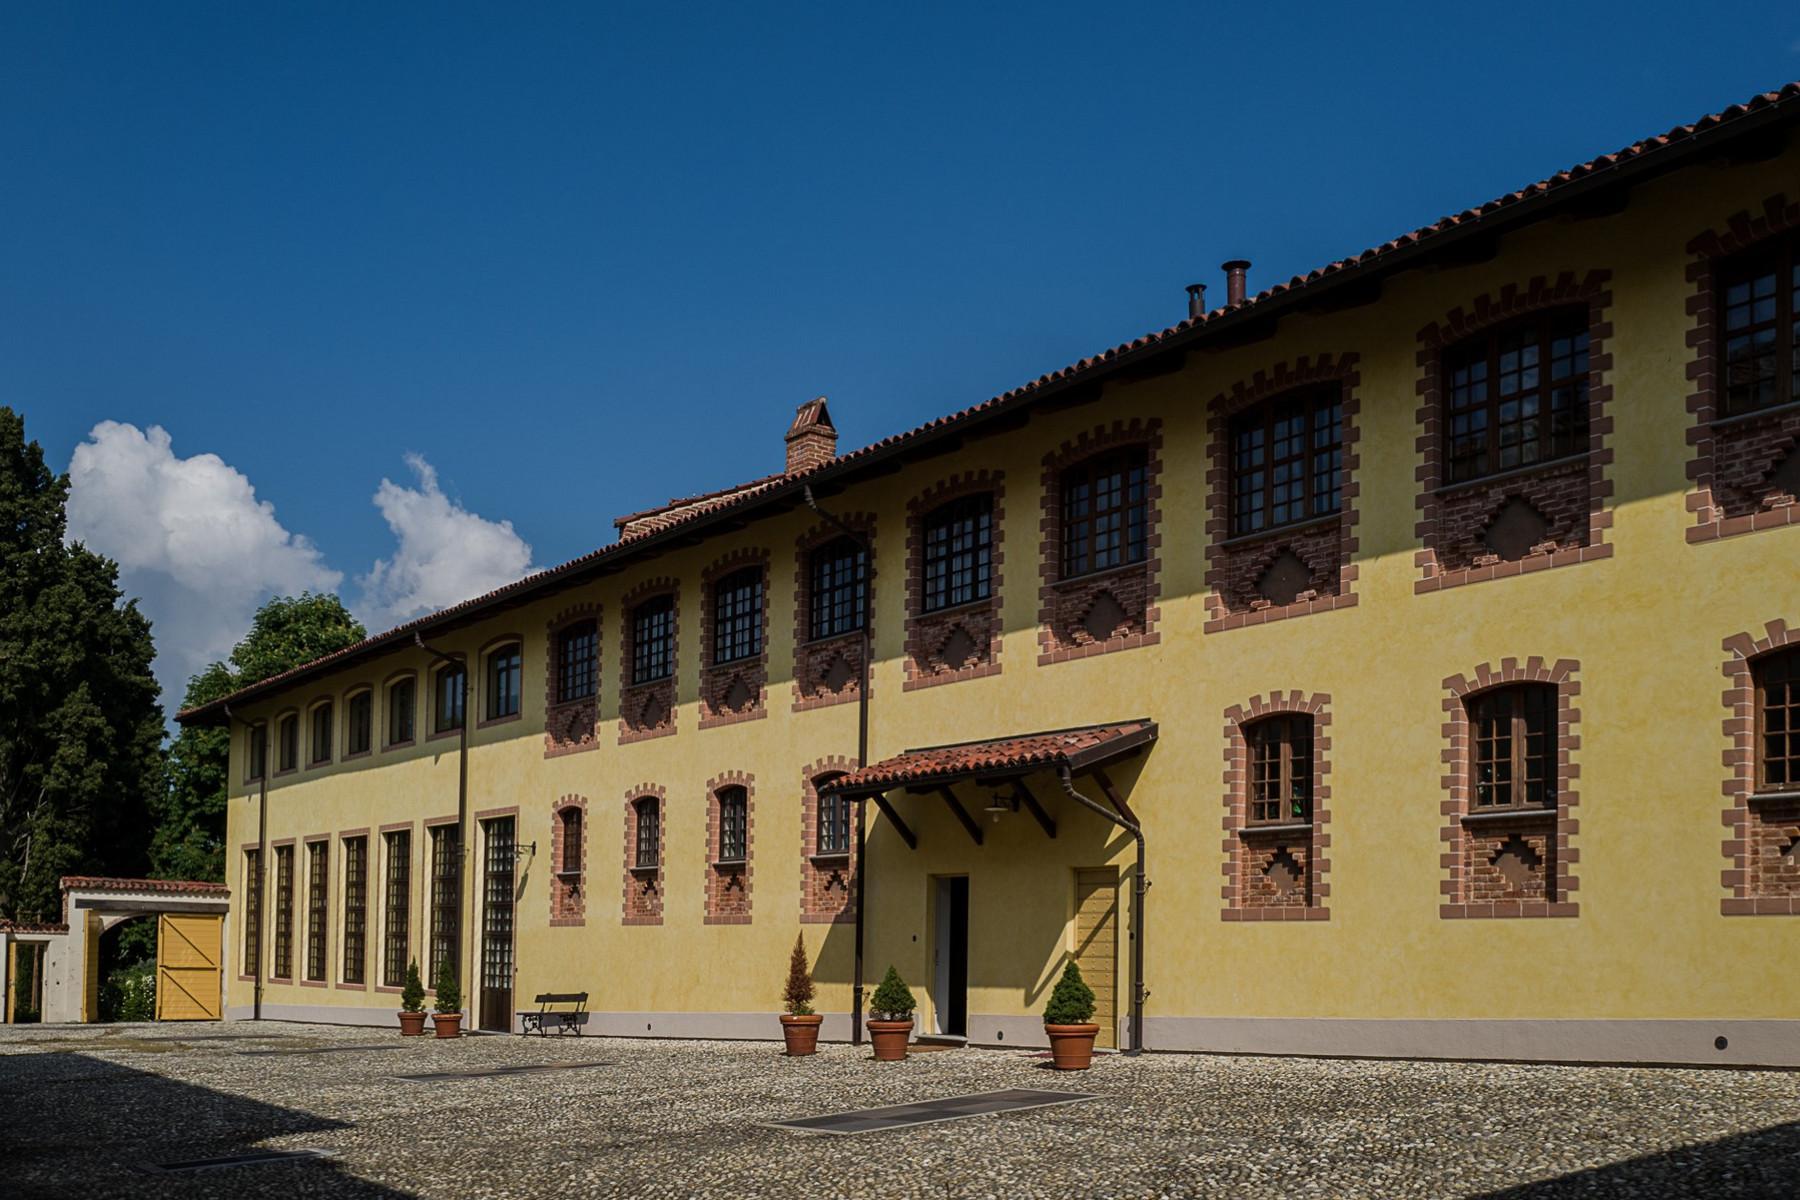 Wohnung in einer antiken Villa in Chieri - 1